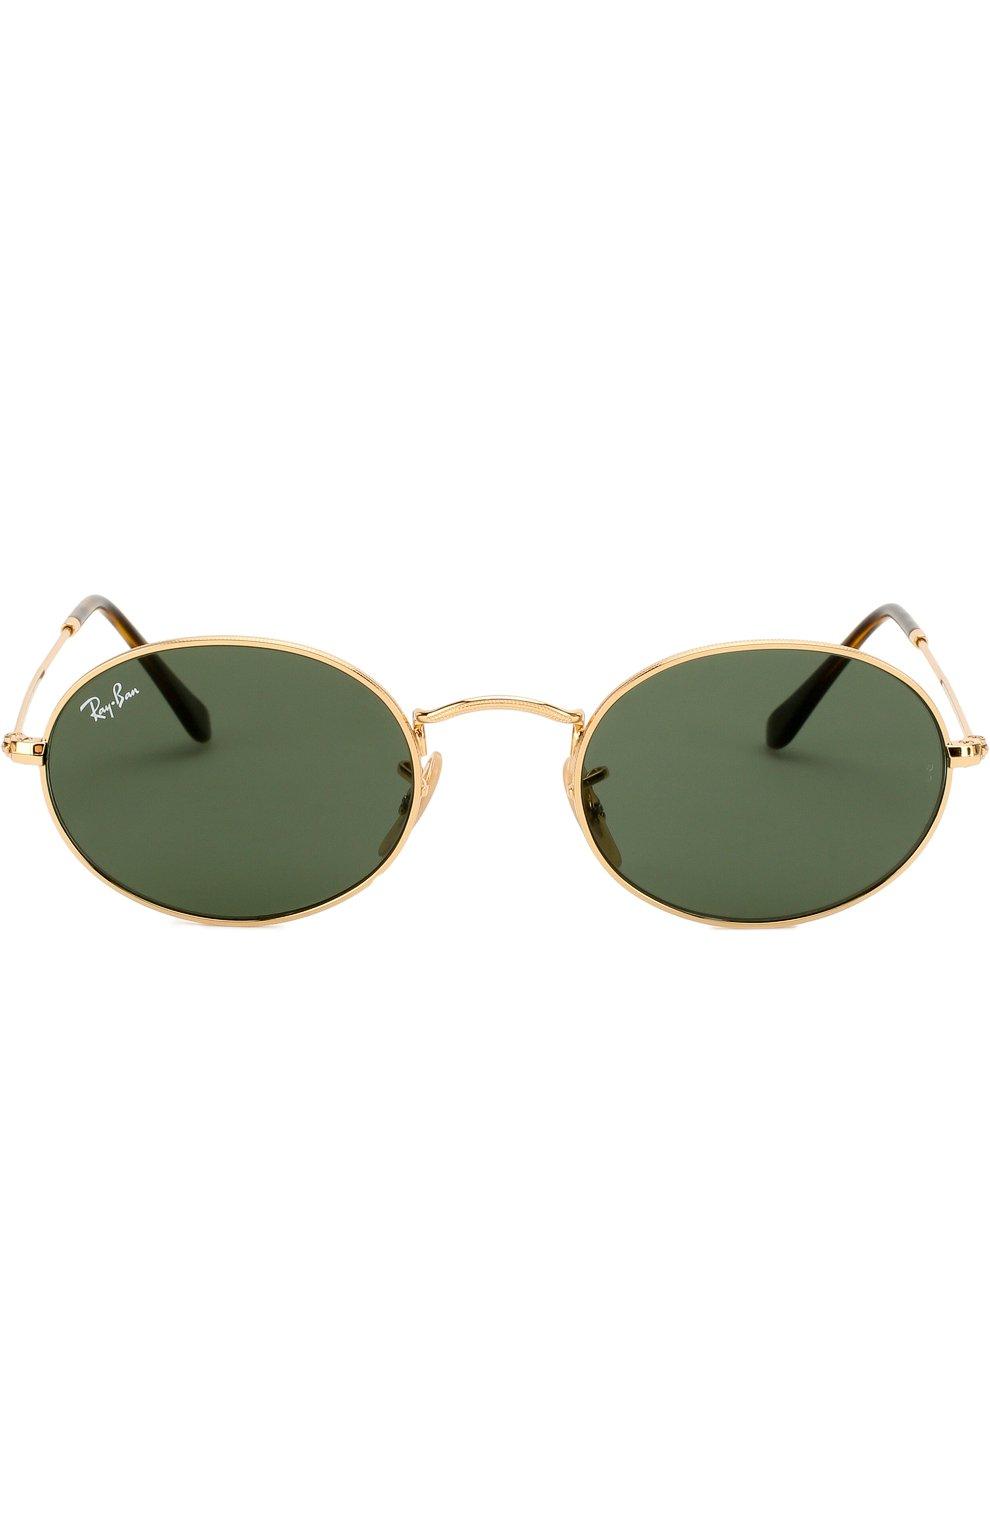 Мужские солнцезащитные очки RAY-BAN золотого цвета, арт. 3547N-001 | Фото 2 (Тип очков: С/з; Статус проверки: Требуются правки, Проверена категория; Очки форма: Овальные; Оптика Гендер: оптика-унисекс)